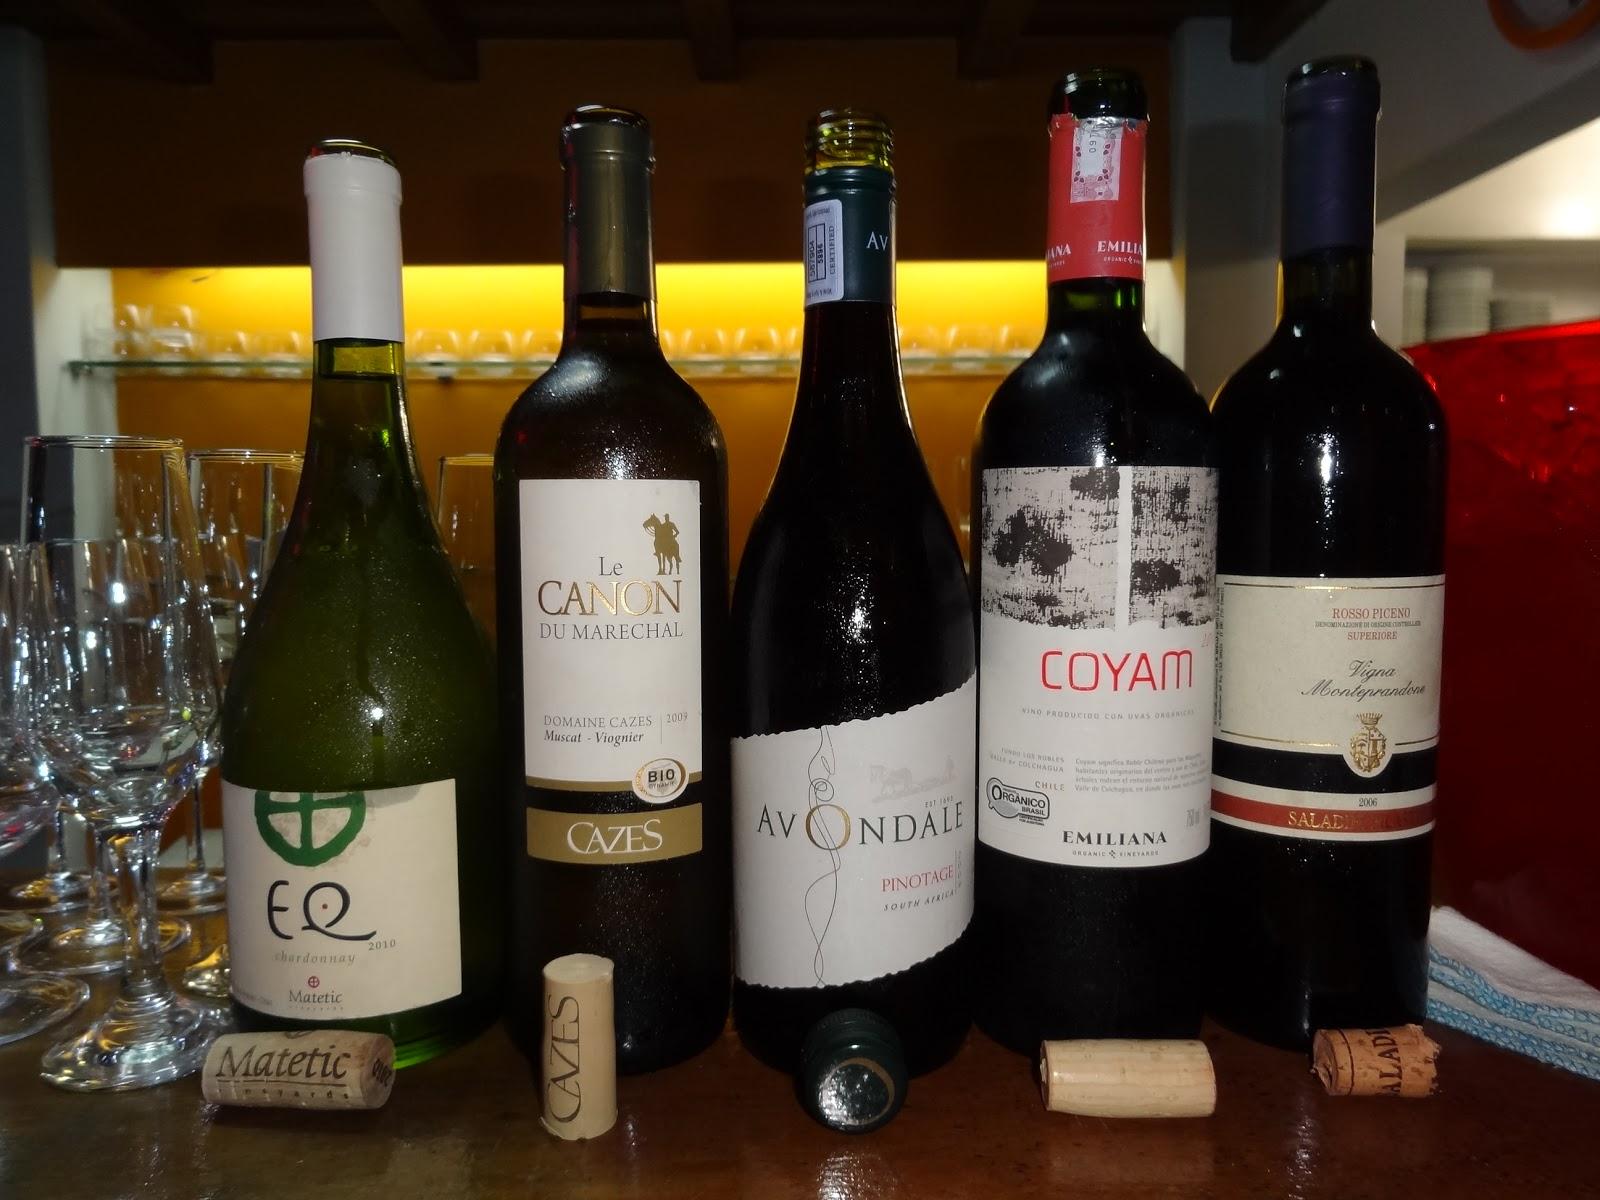 Vinhos Orgânicos e biodinâmicos